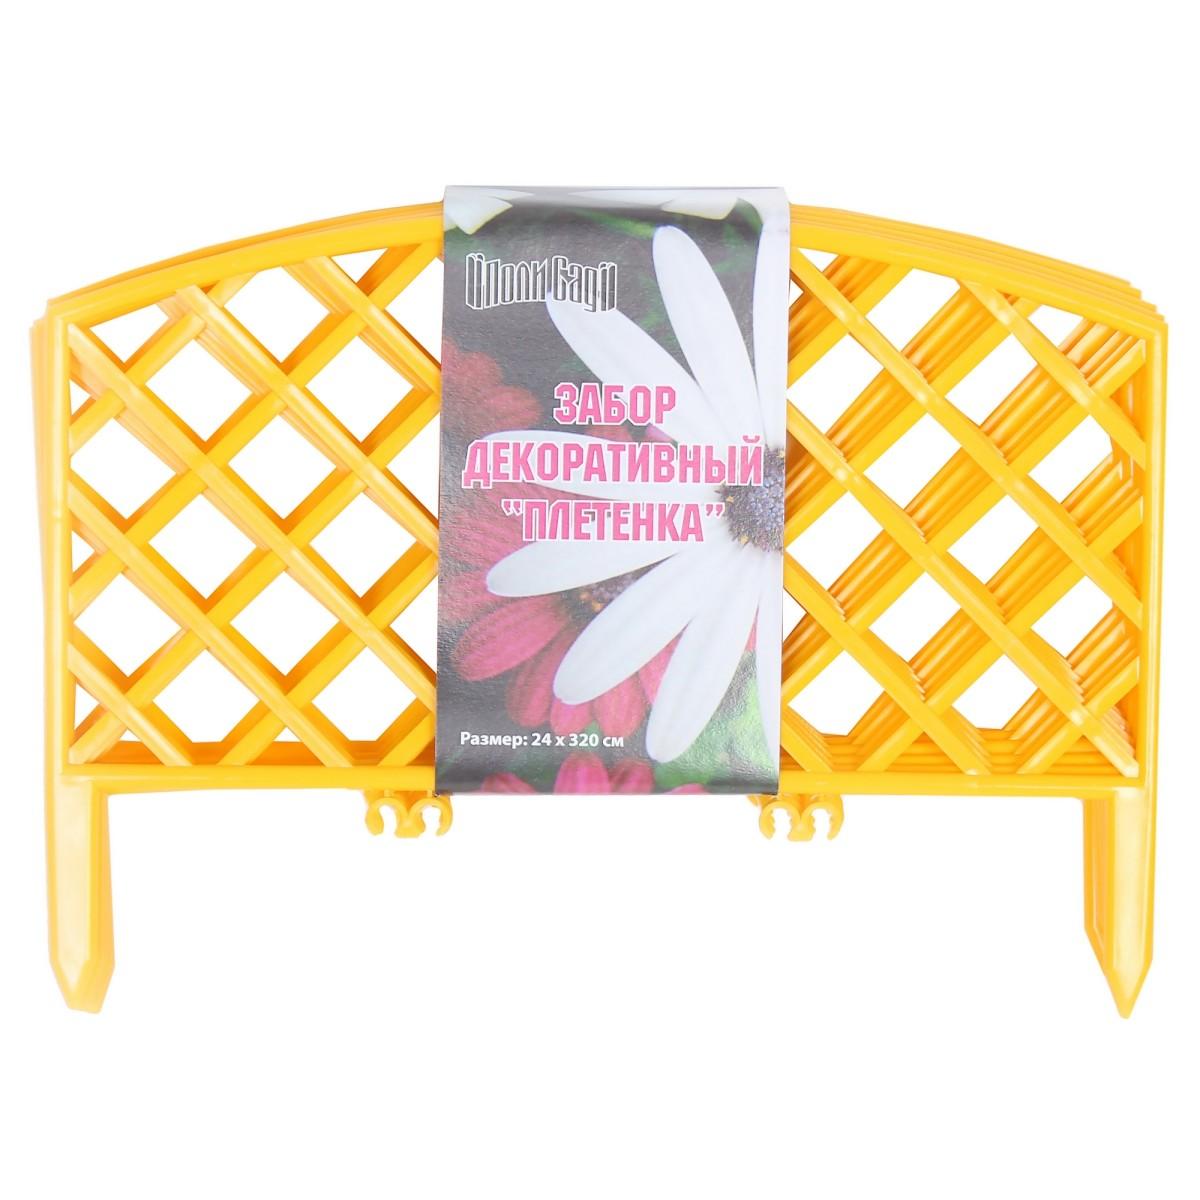 Забор декоративный Плетенка 3.2 м цвет желтый